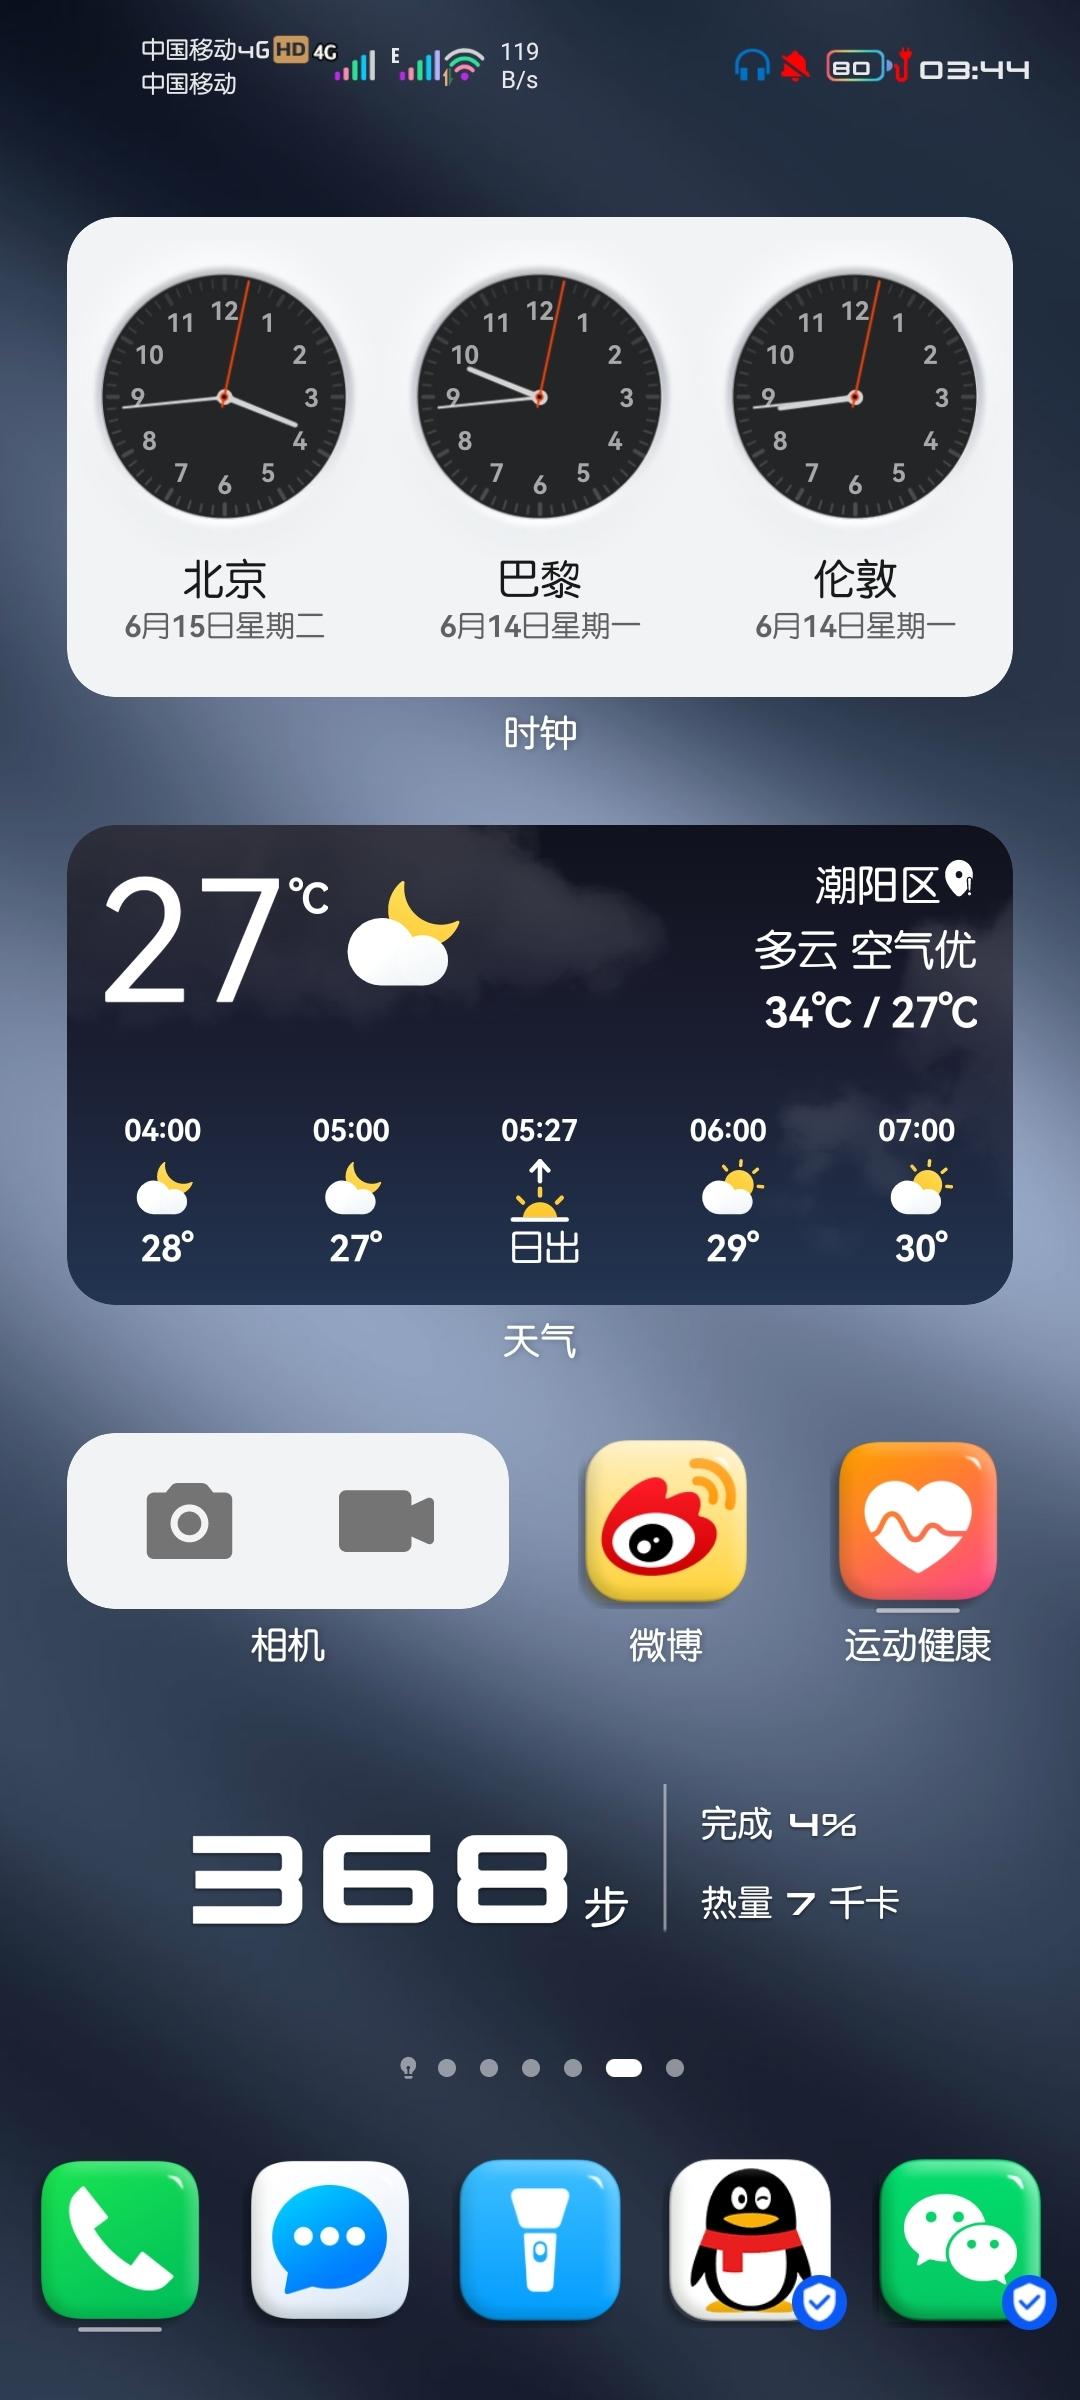 Screenshot_20210615_034402_com.huawei.android.launcher.jpg